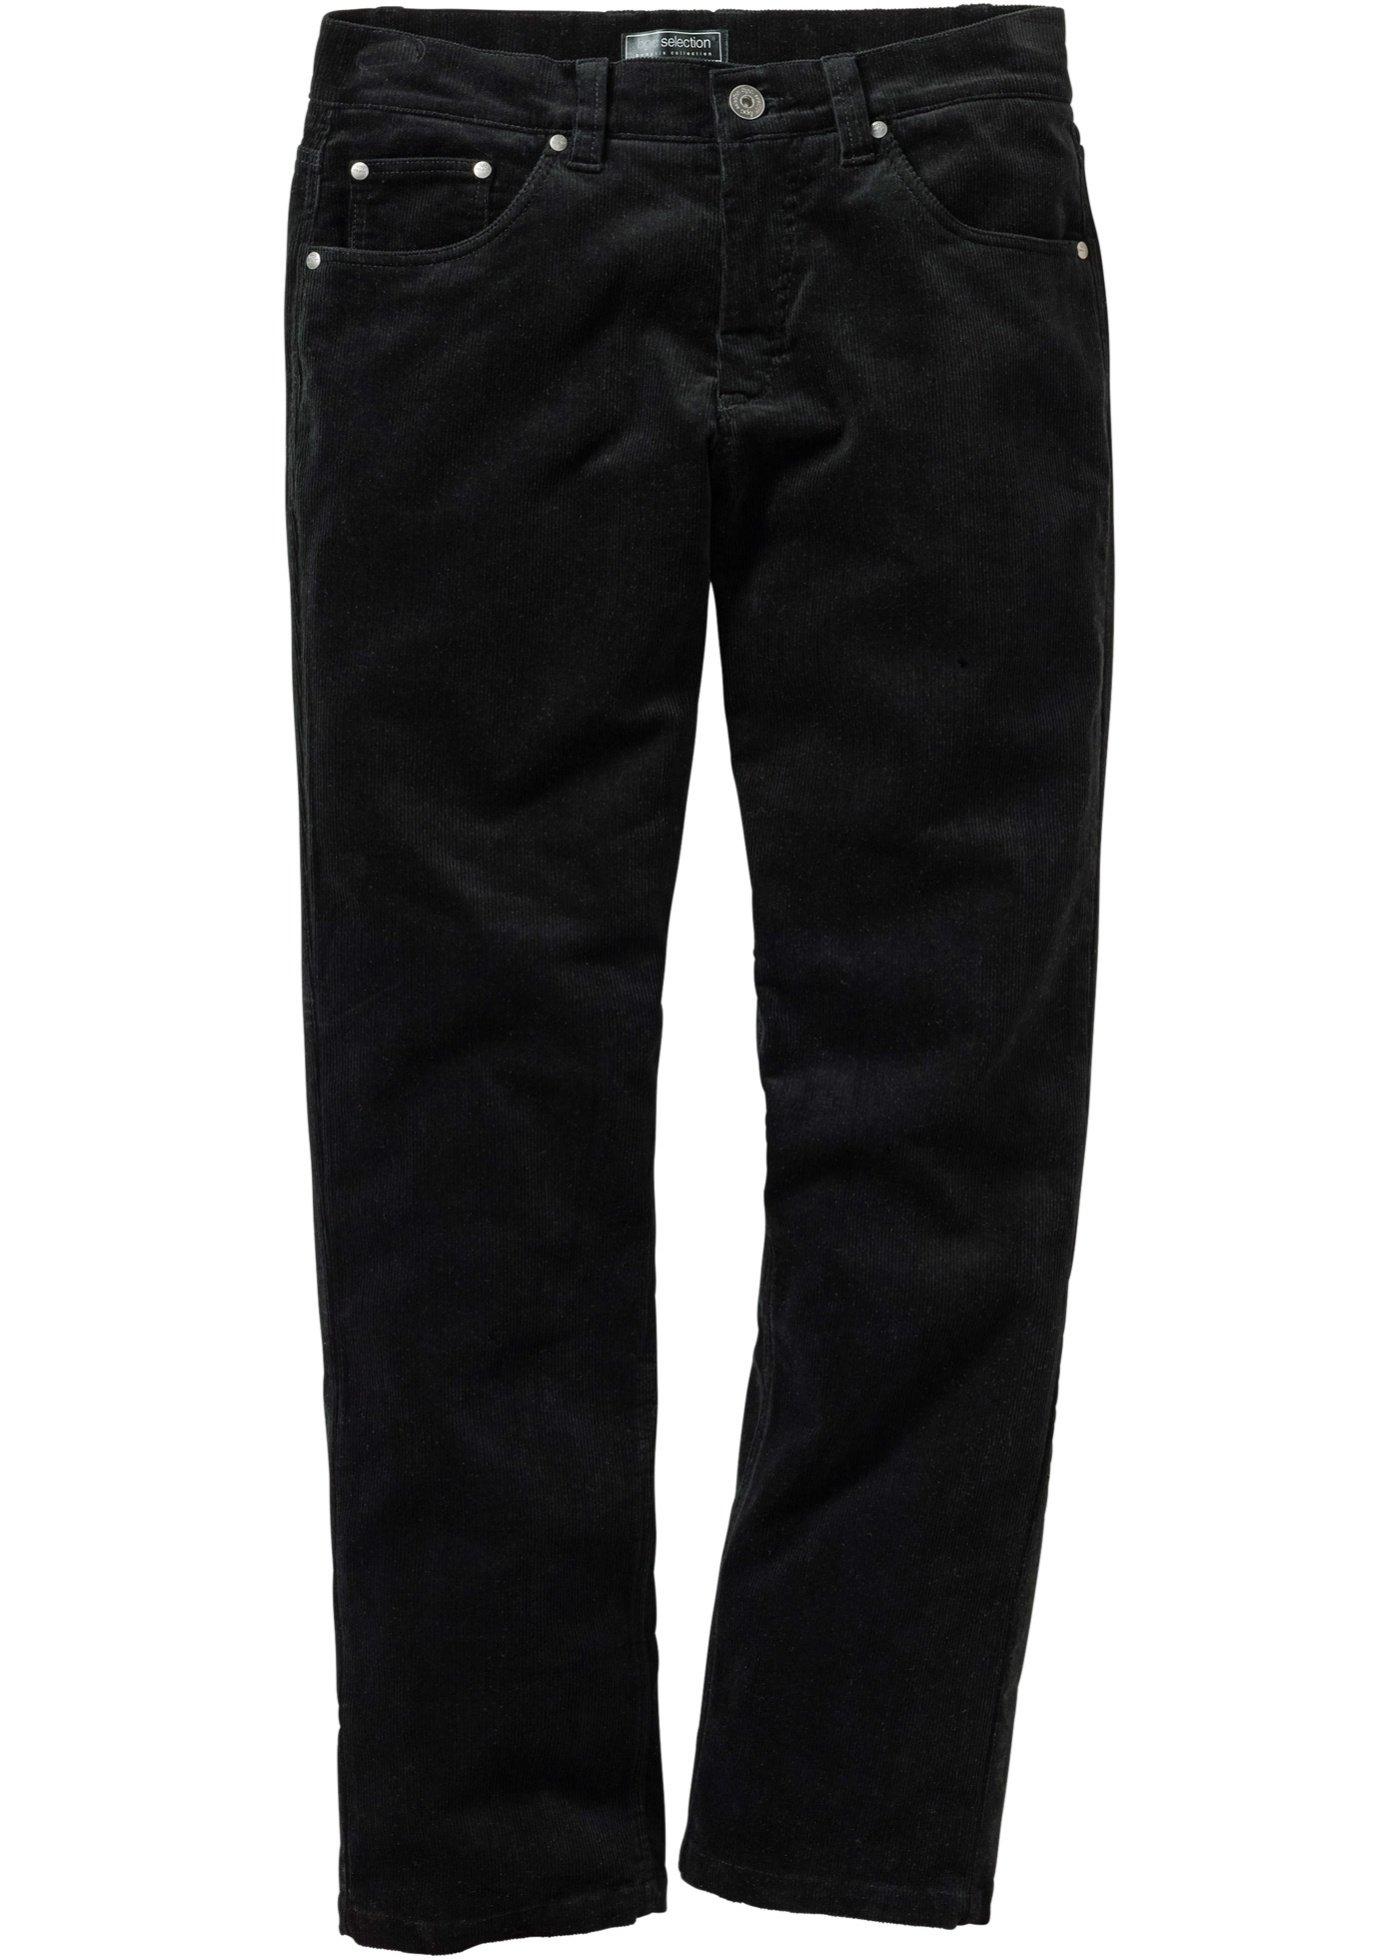 Как выбрать мужские современные джинсы